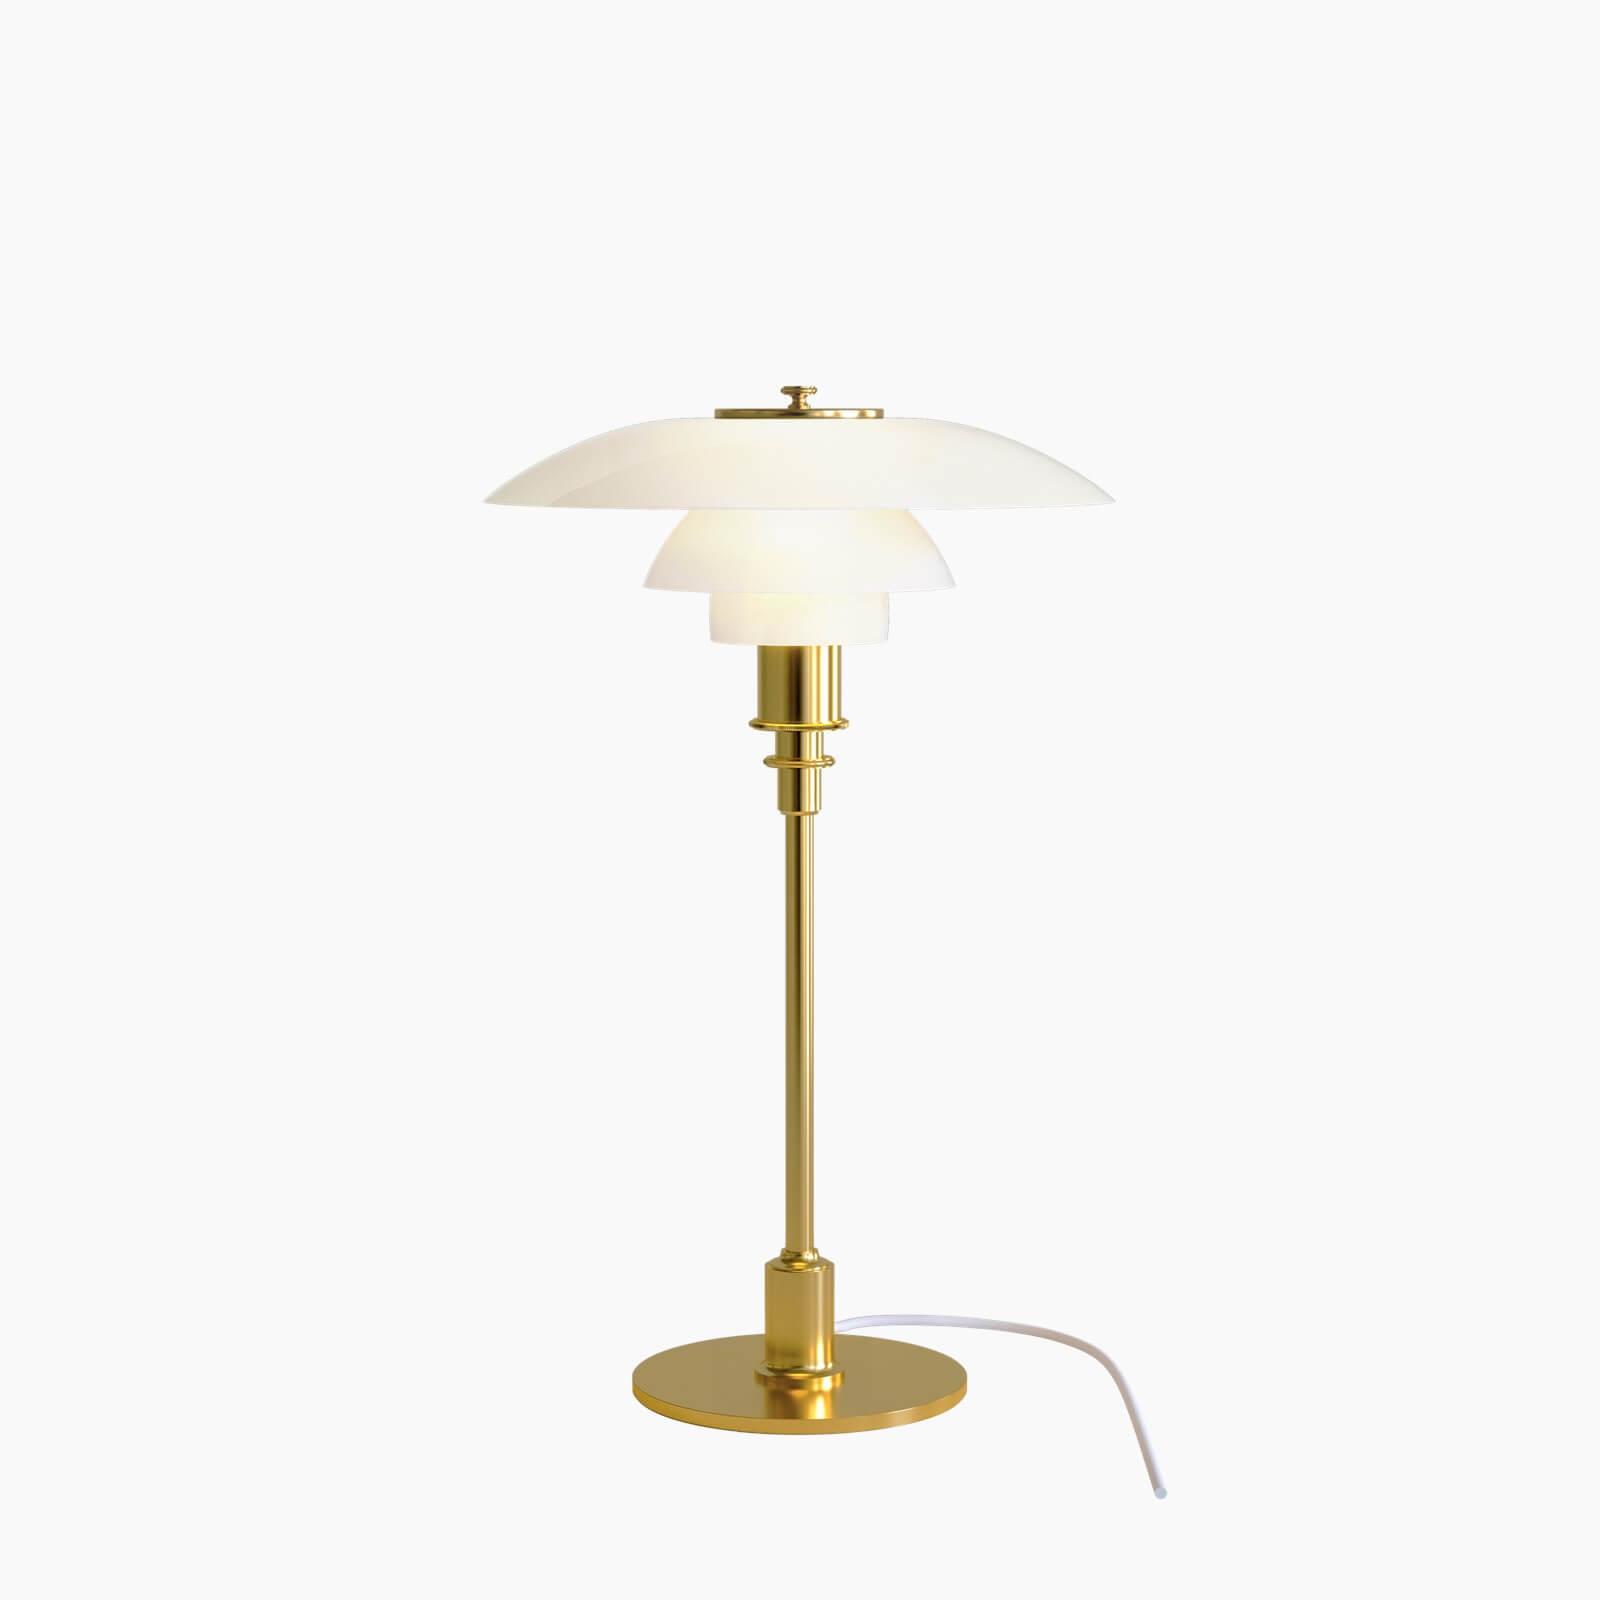 PH 3/2 Tafellamp